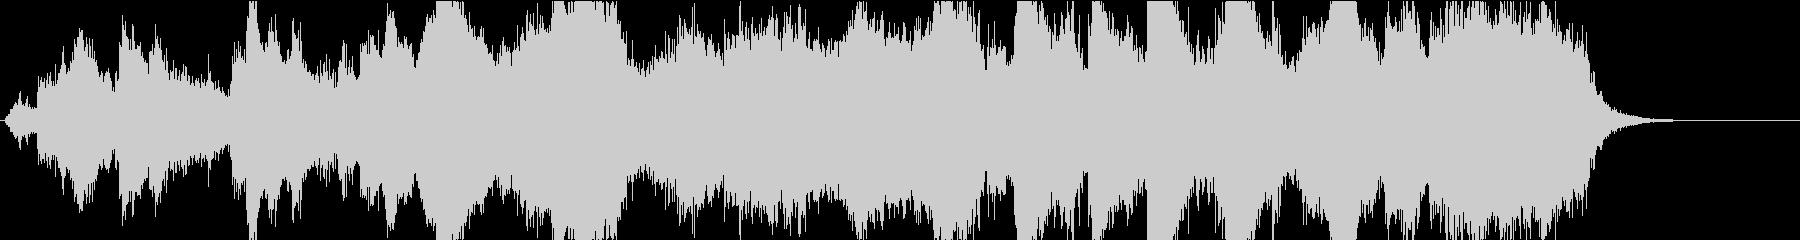 アバンギャルドなBGMの未再生の波形